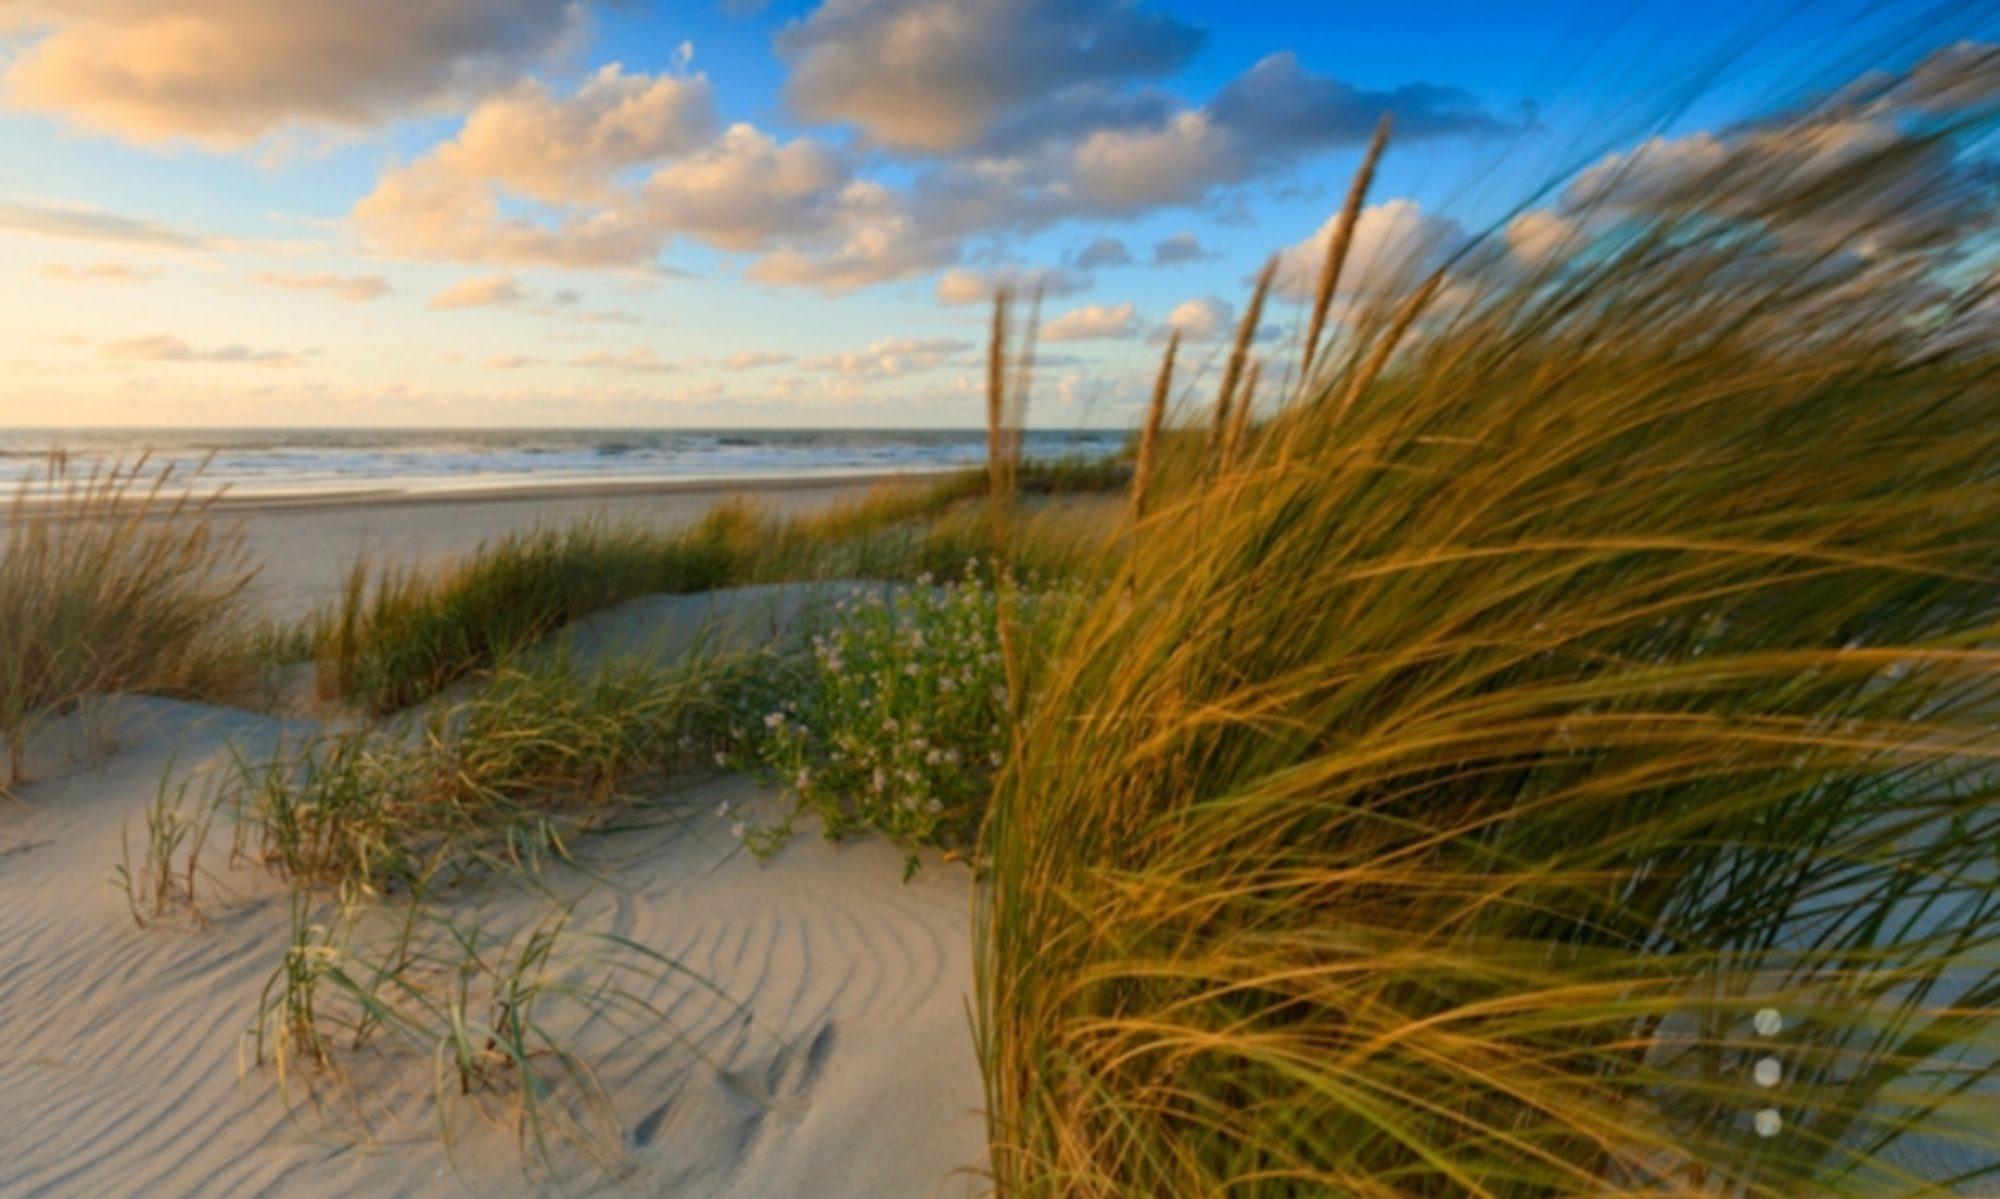 zeeuwse landhoeve